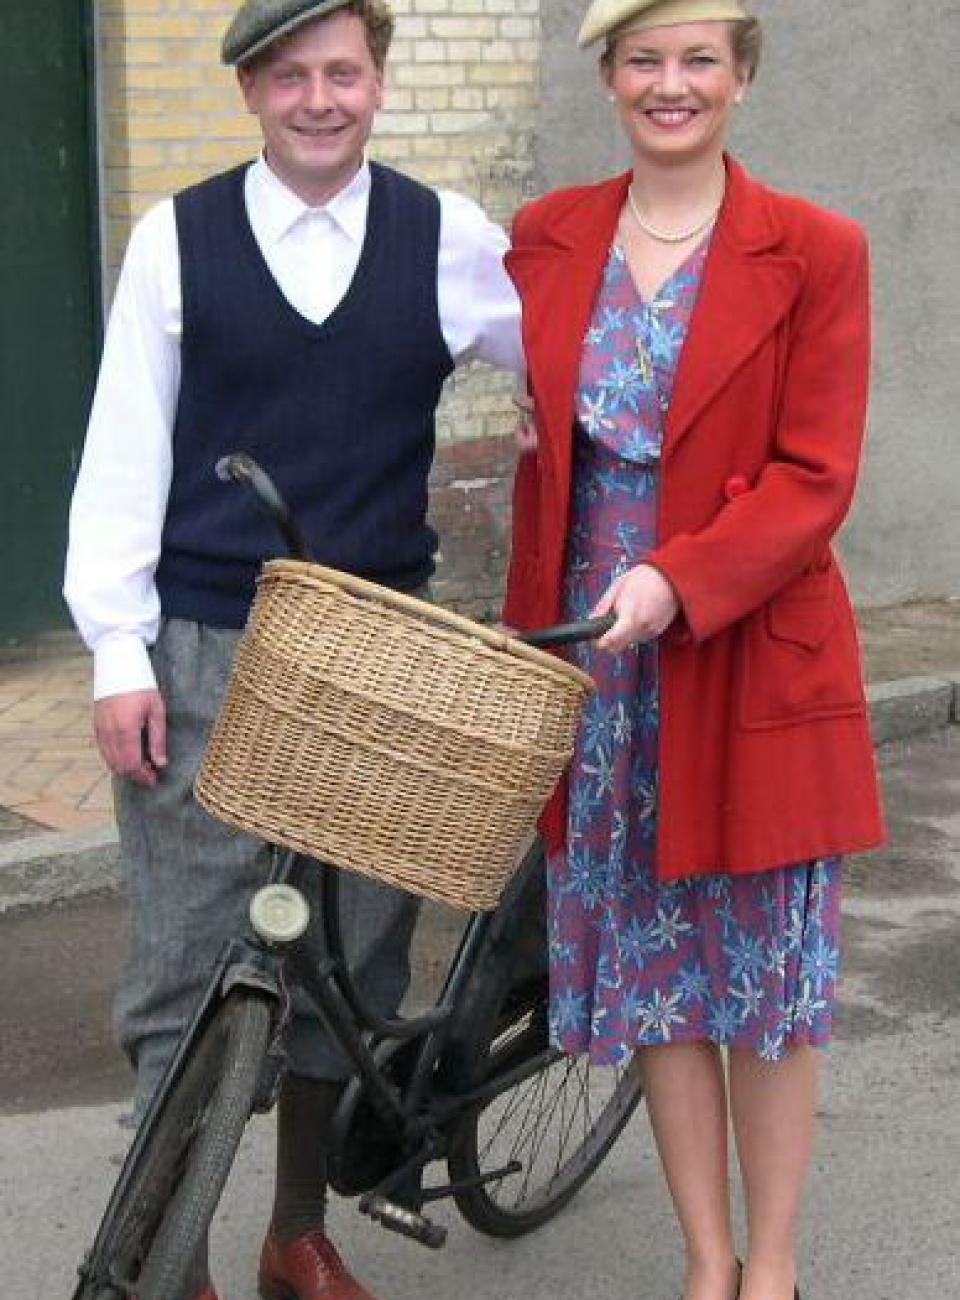 1940'er mode, 2. verdenskrig, gammel cykel fra 40'erne, 40'kostumer, kostumeudlejning, mode i 40'erne, plus four,